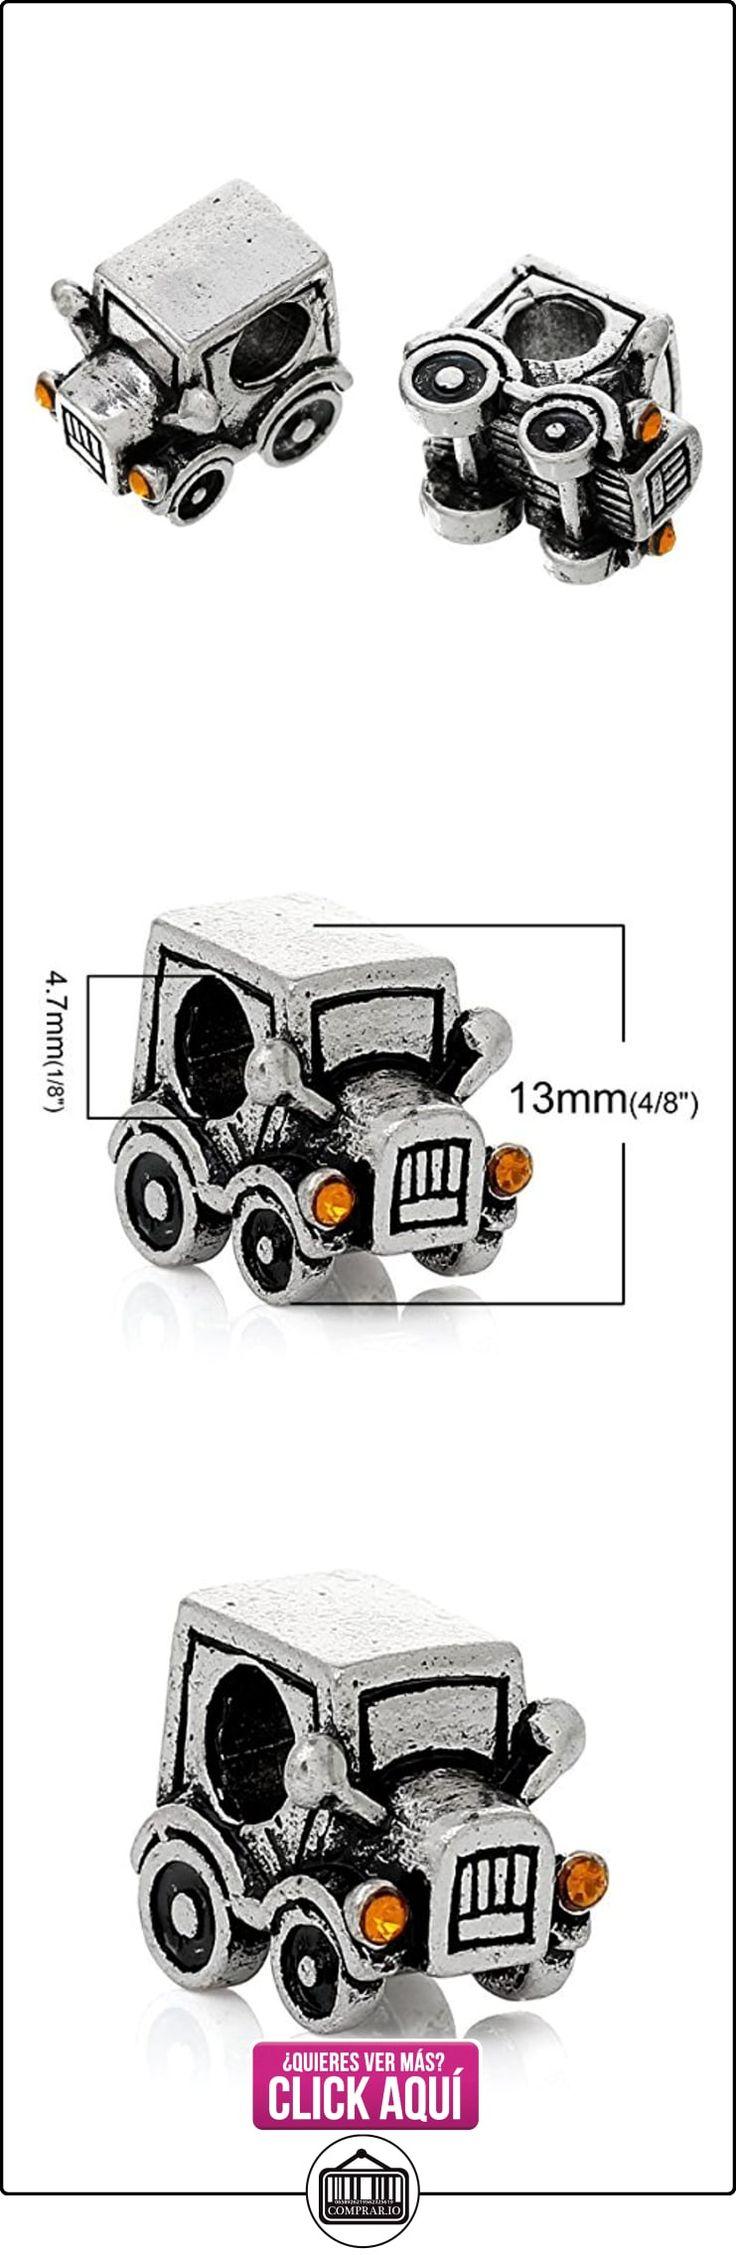 Sexy Sparkles Mujer Classic coche Espaciador de cuenta para pulsera compatible para la mayoría de cadena de serpiente Pulseras  ✿ Joyas para mujer - Las mejores ofertas ✿ ▬► Ver oferta: https://comprar.io/goto/B00N58JL7M